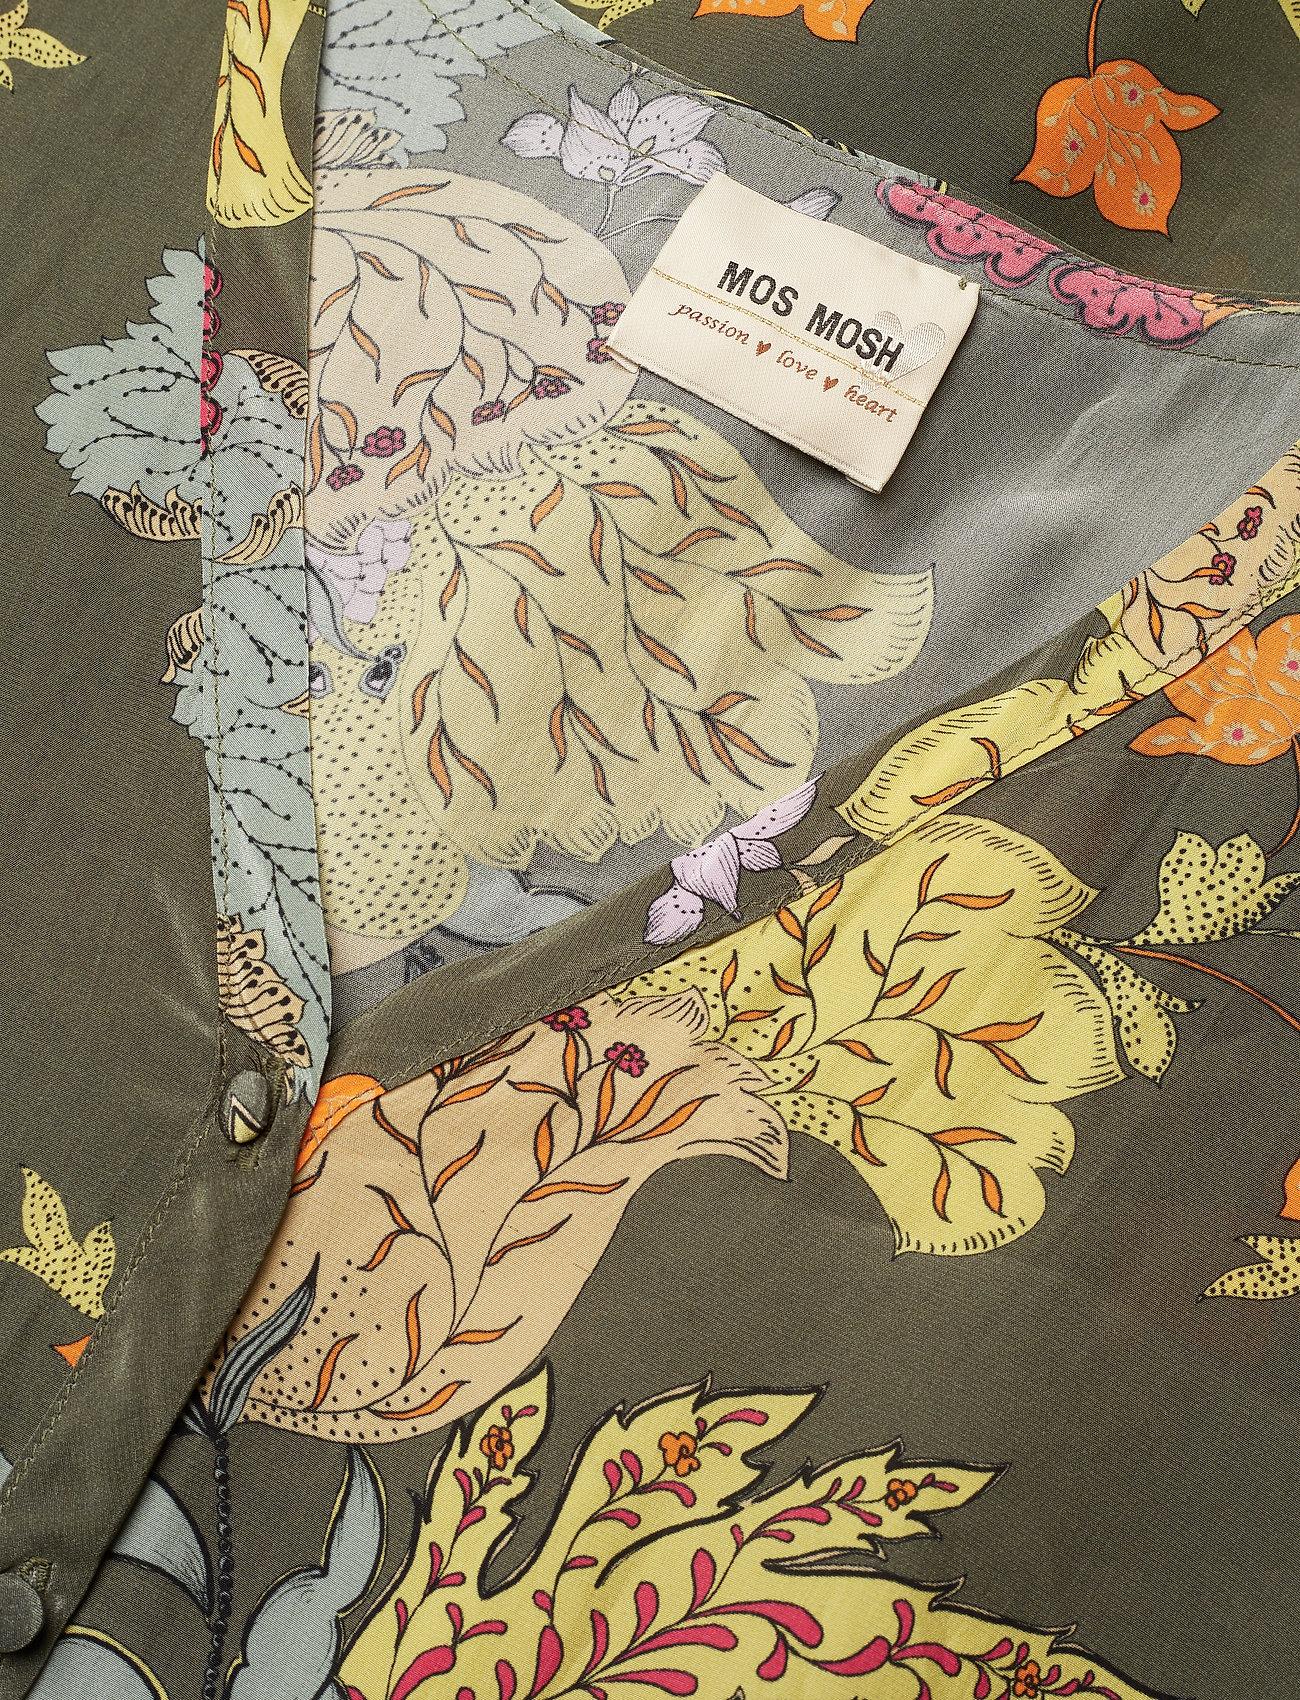 Leaf Dressgrape Mosh Tulum Ava FlowerMos ikXuZOPT